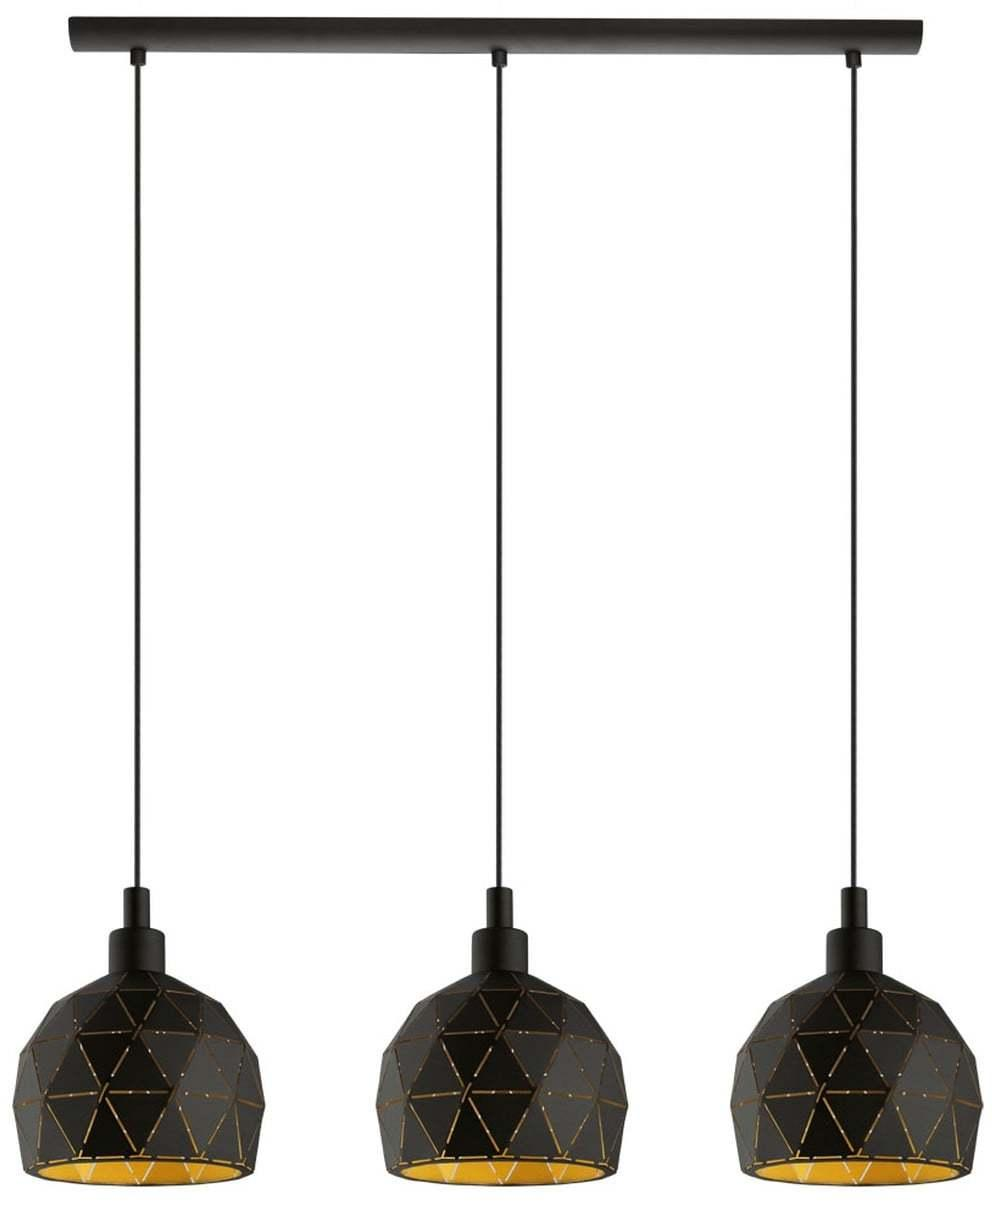 Kuchynské svietidlo EGLO ROCCAFORTE čierna / zlatá 97846